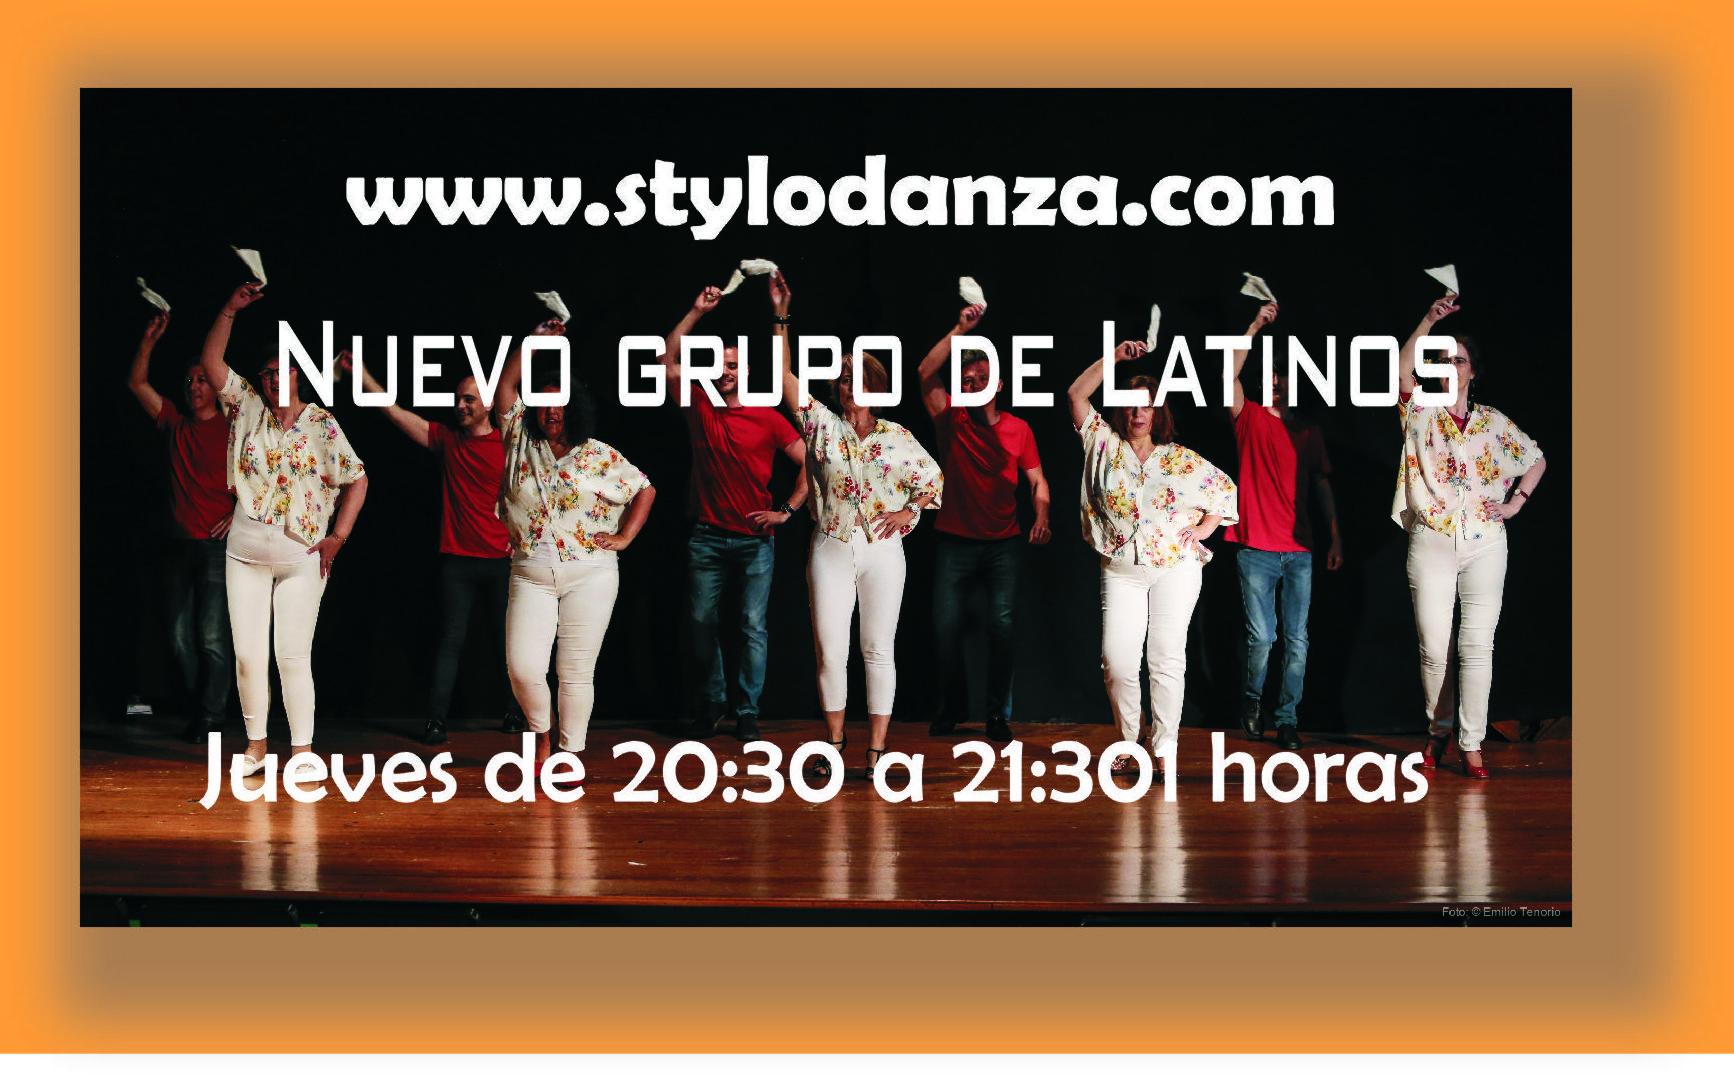 Curso de Latinos de iniciación, los jueves